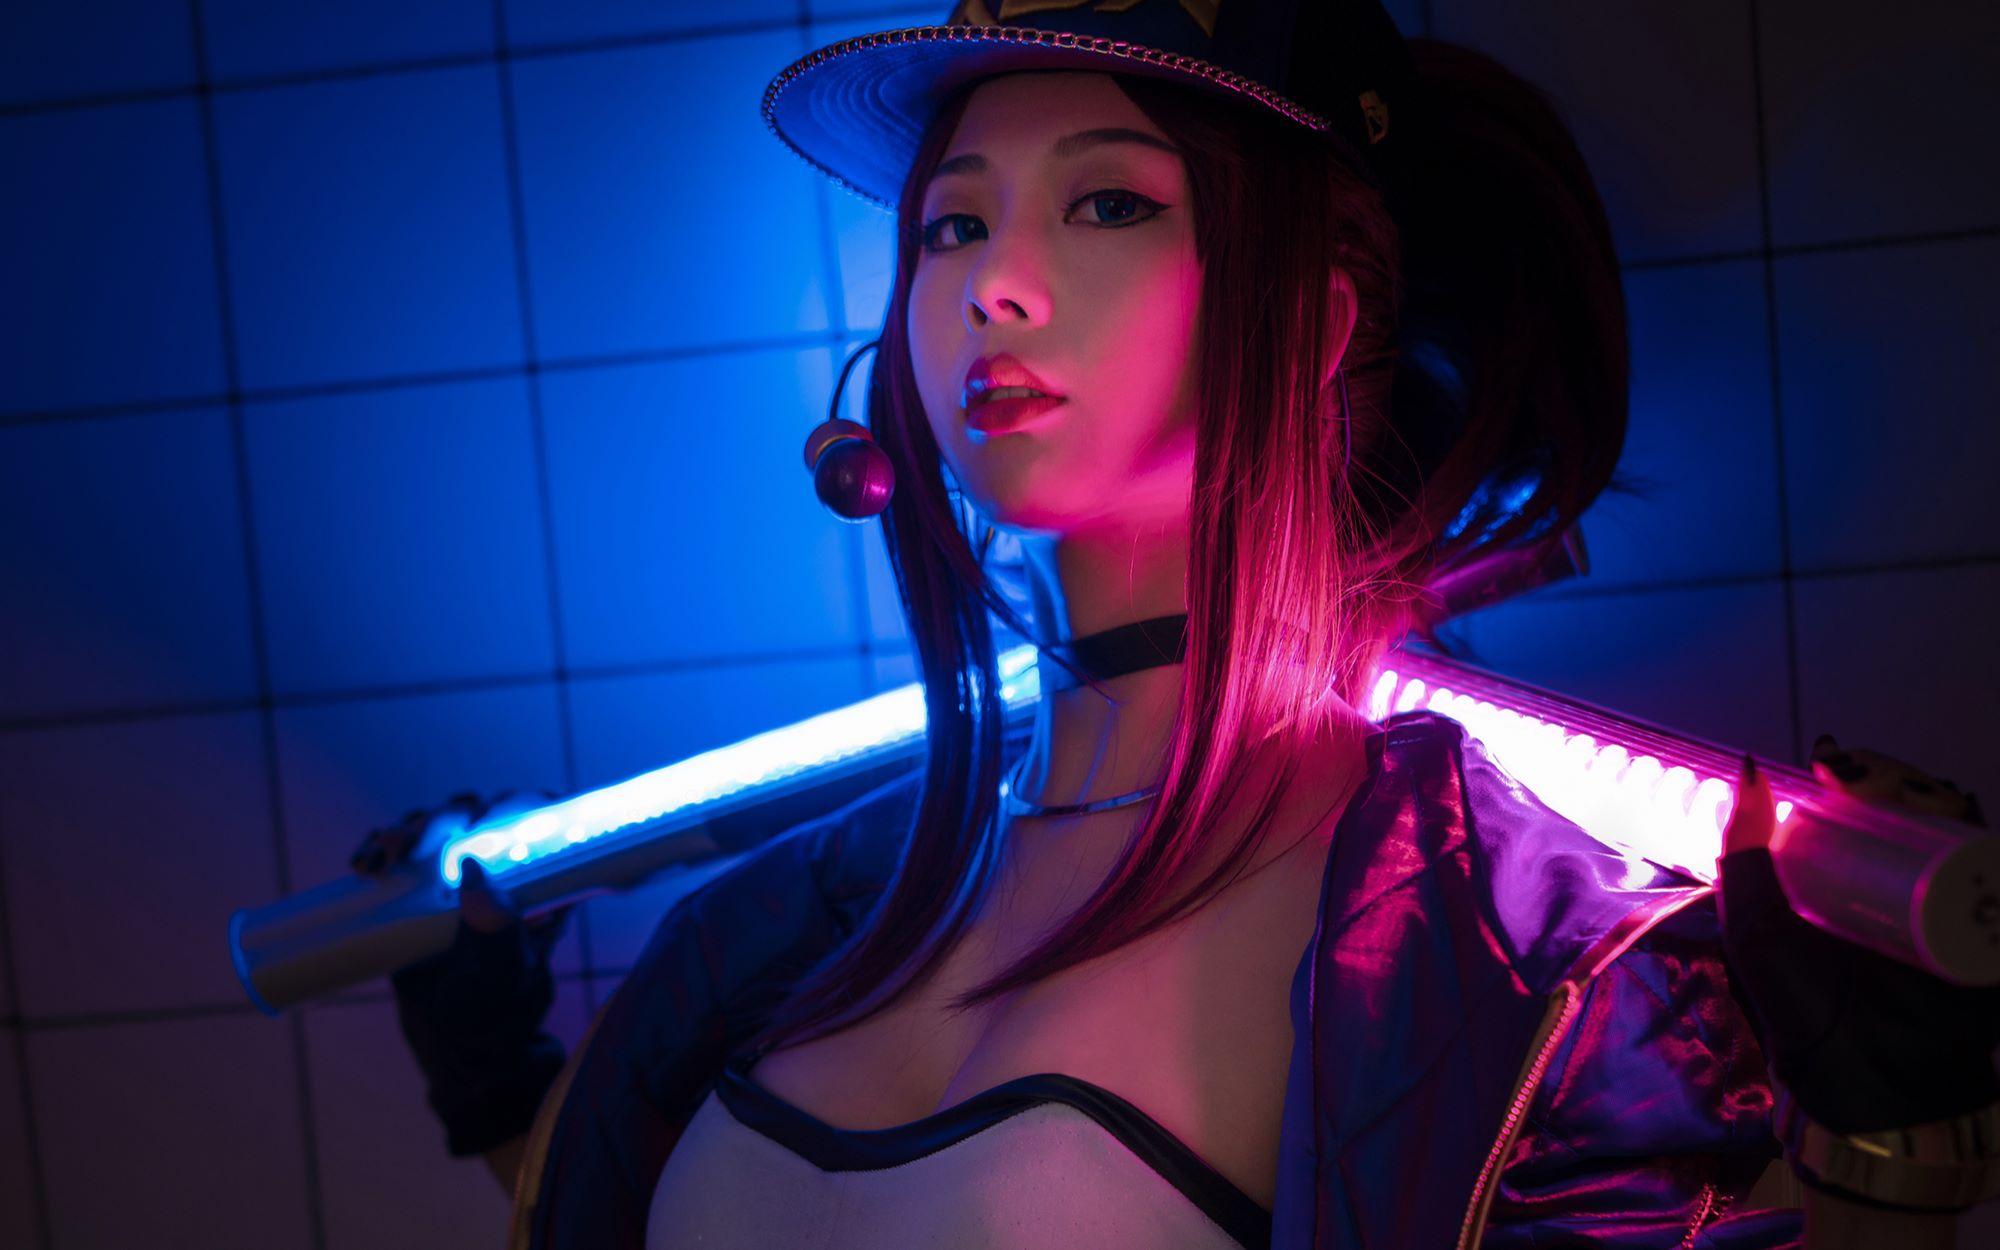 英雄联盟cosplay系列:KDA阿卡丽已上线